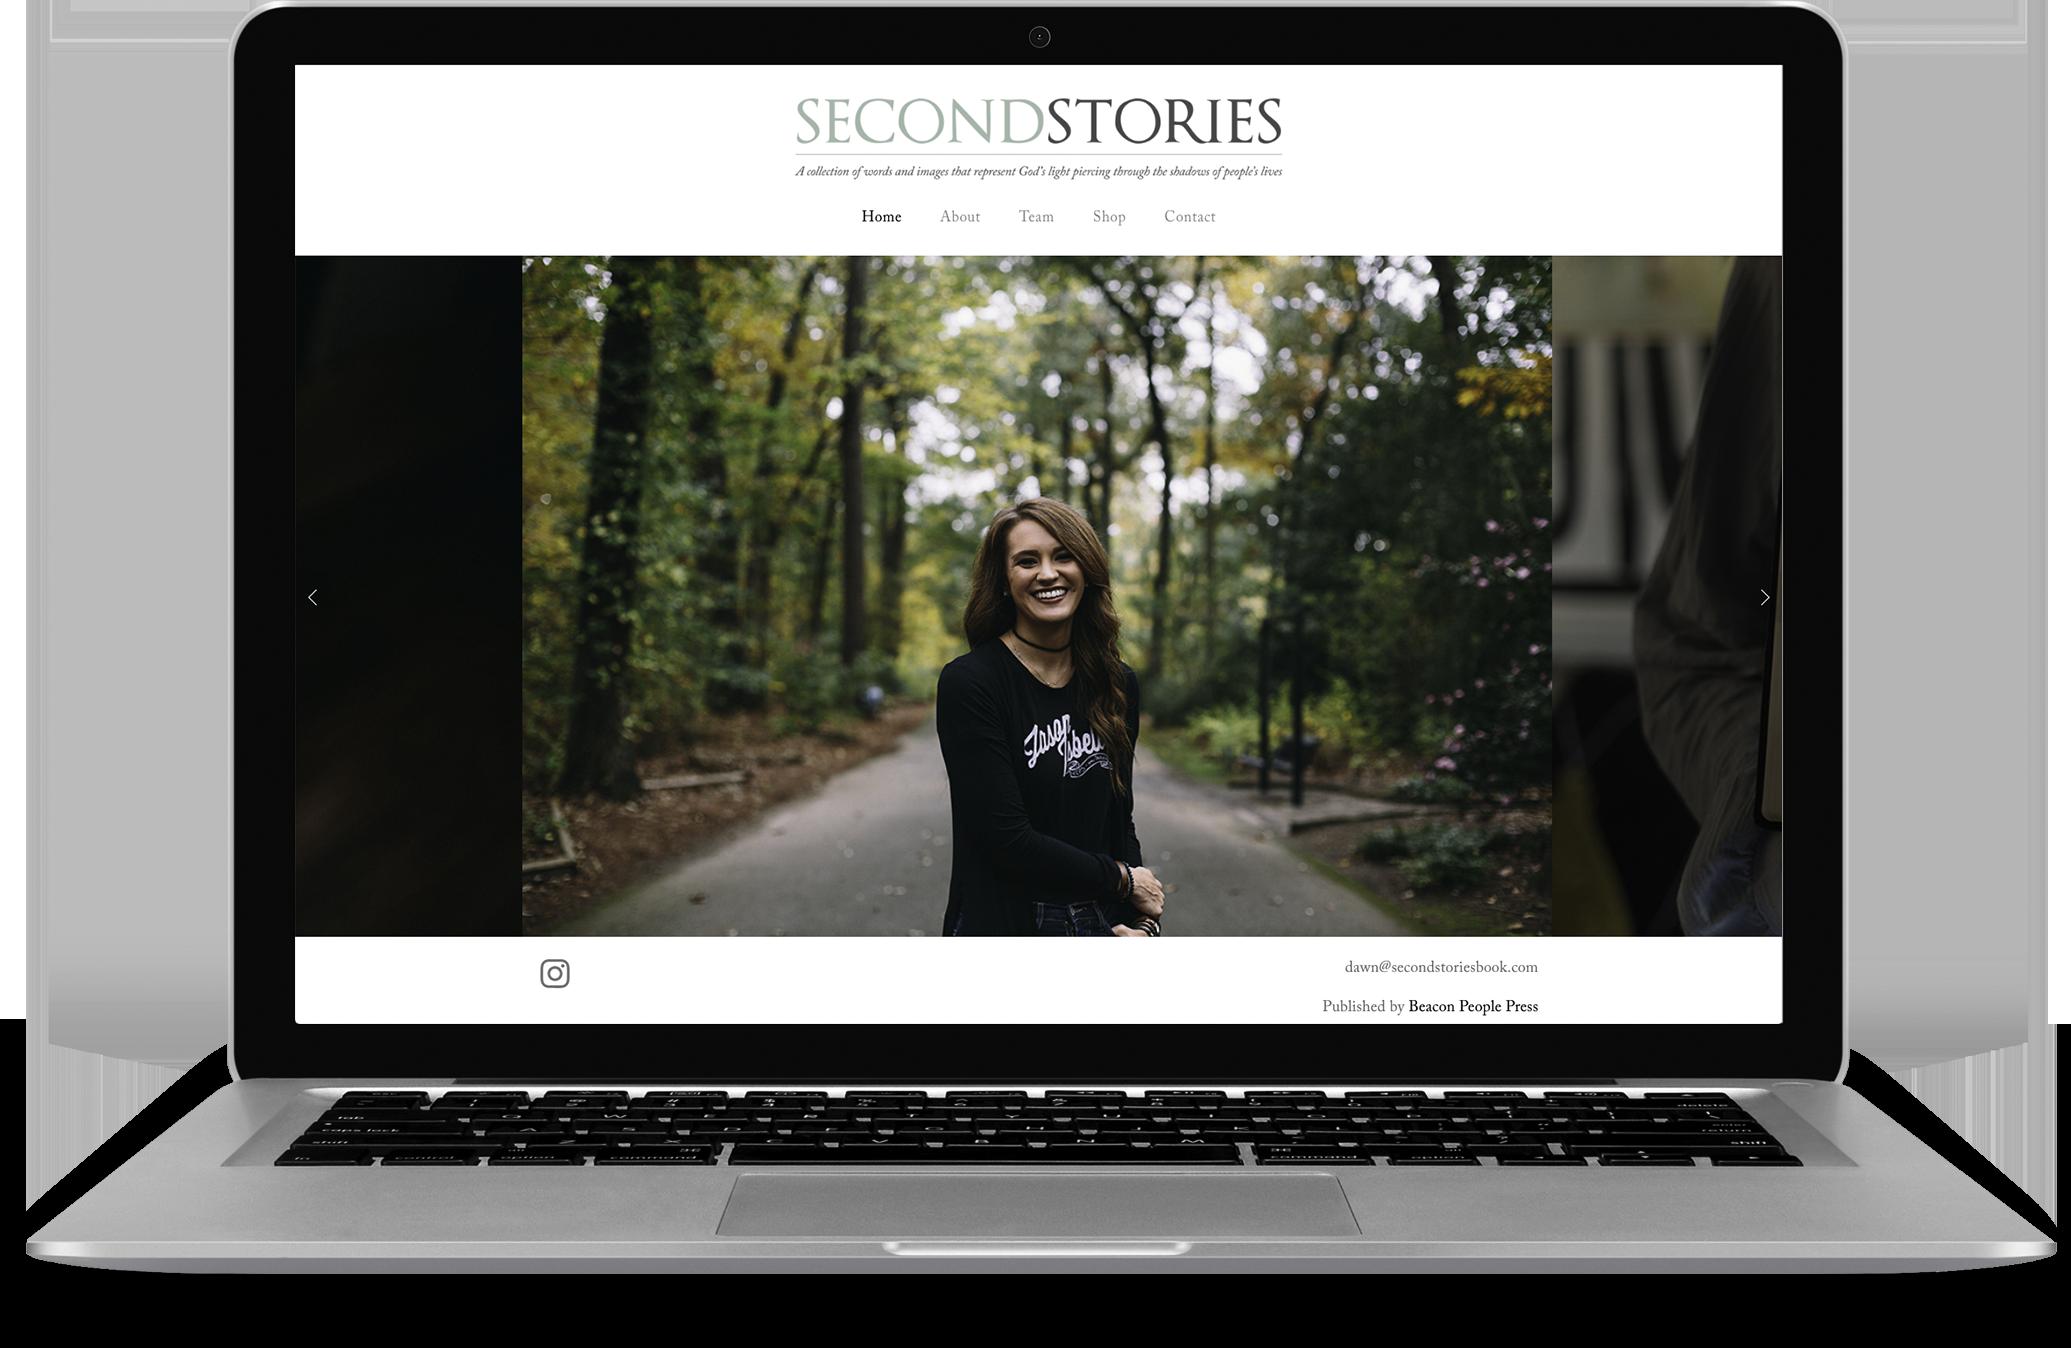 SecondStoriesWebsite.png